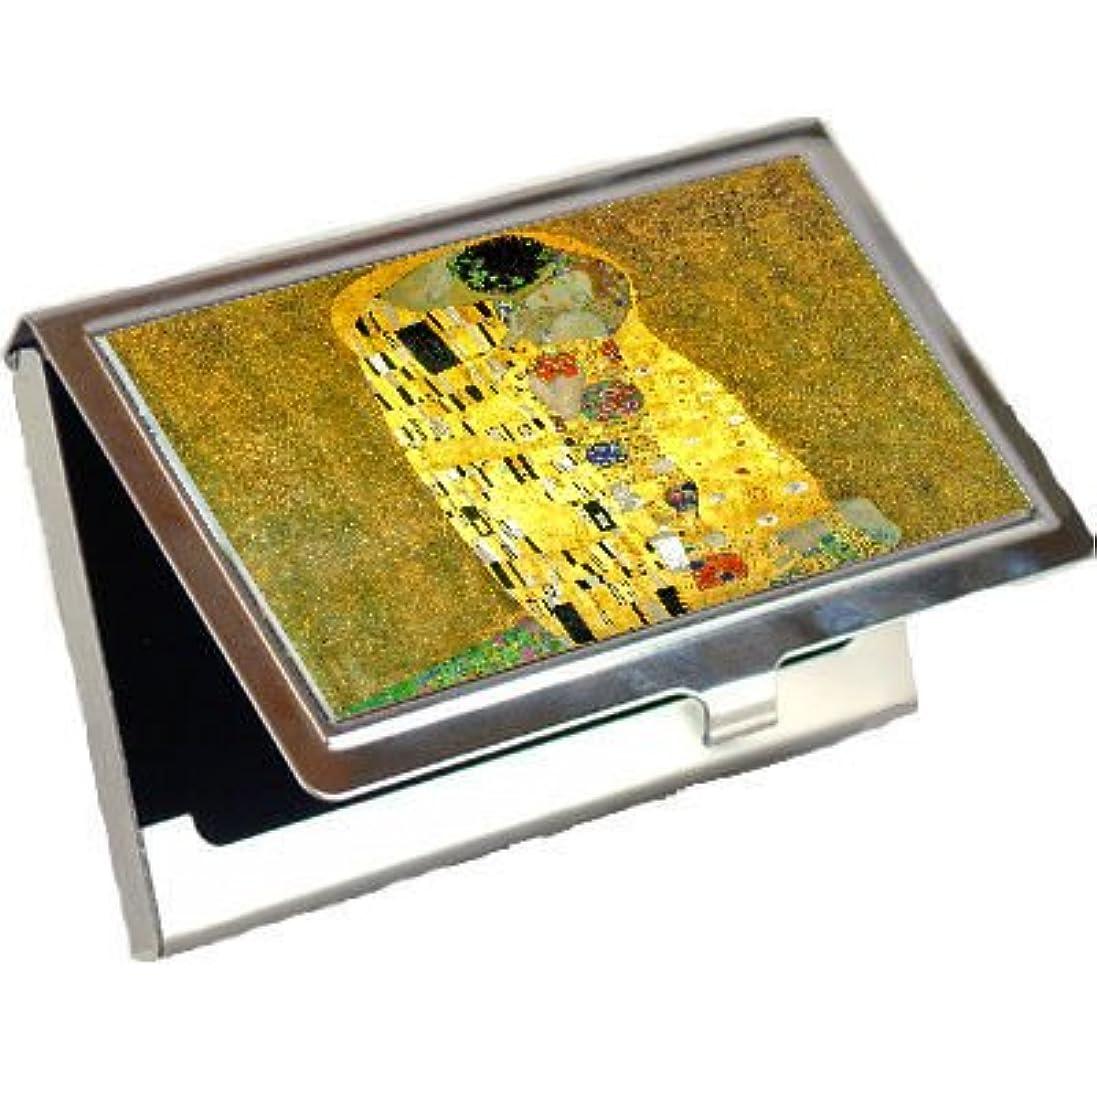 毒液弱める移行The Kiss by Gustav Klimtビジネスカードホルダー